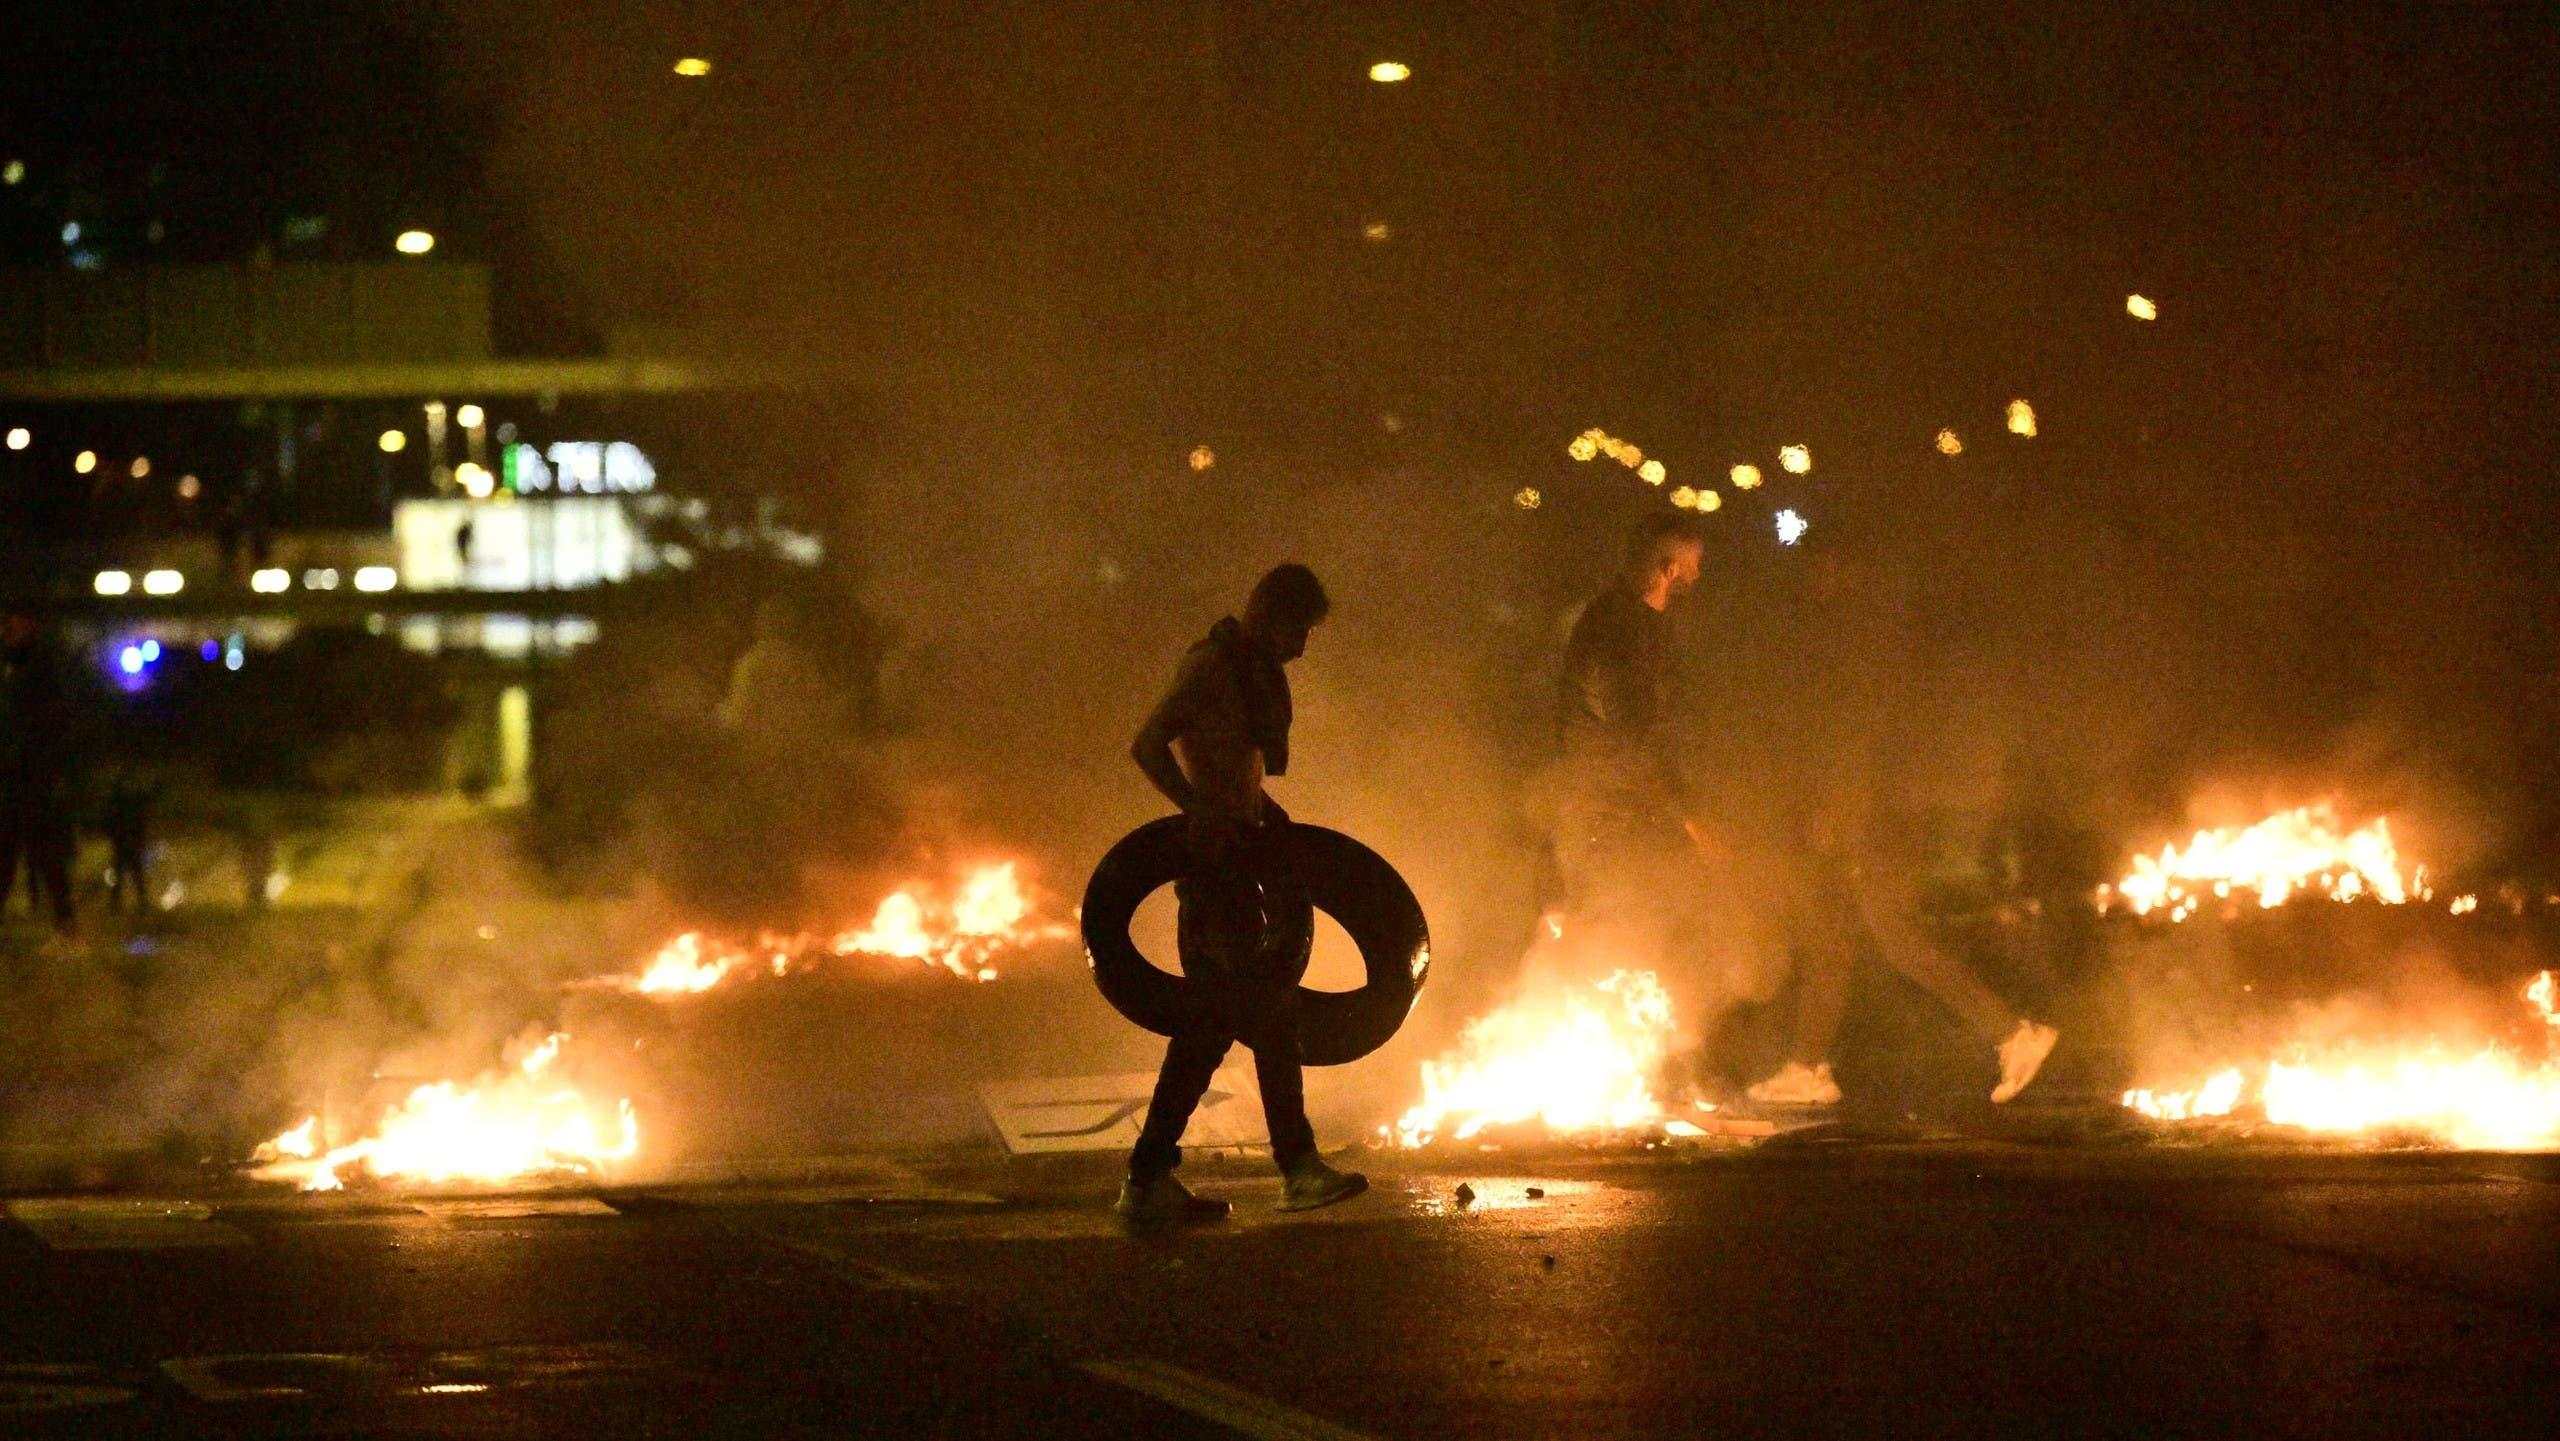 حريق مصحف في السويد